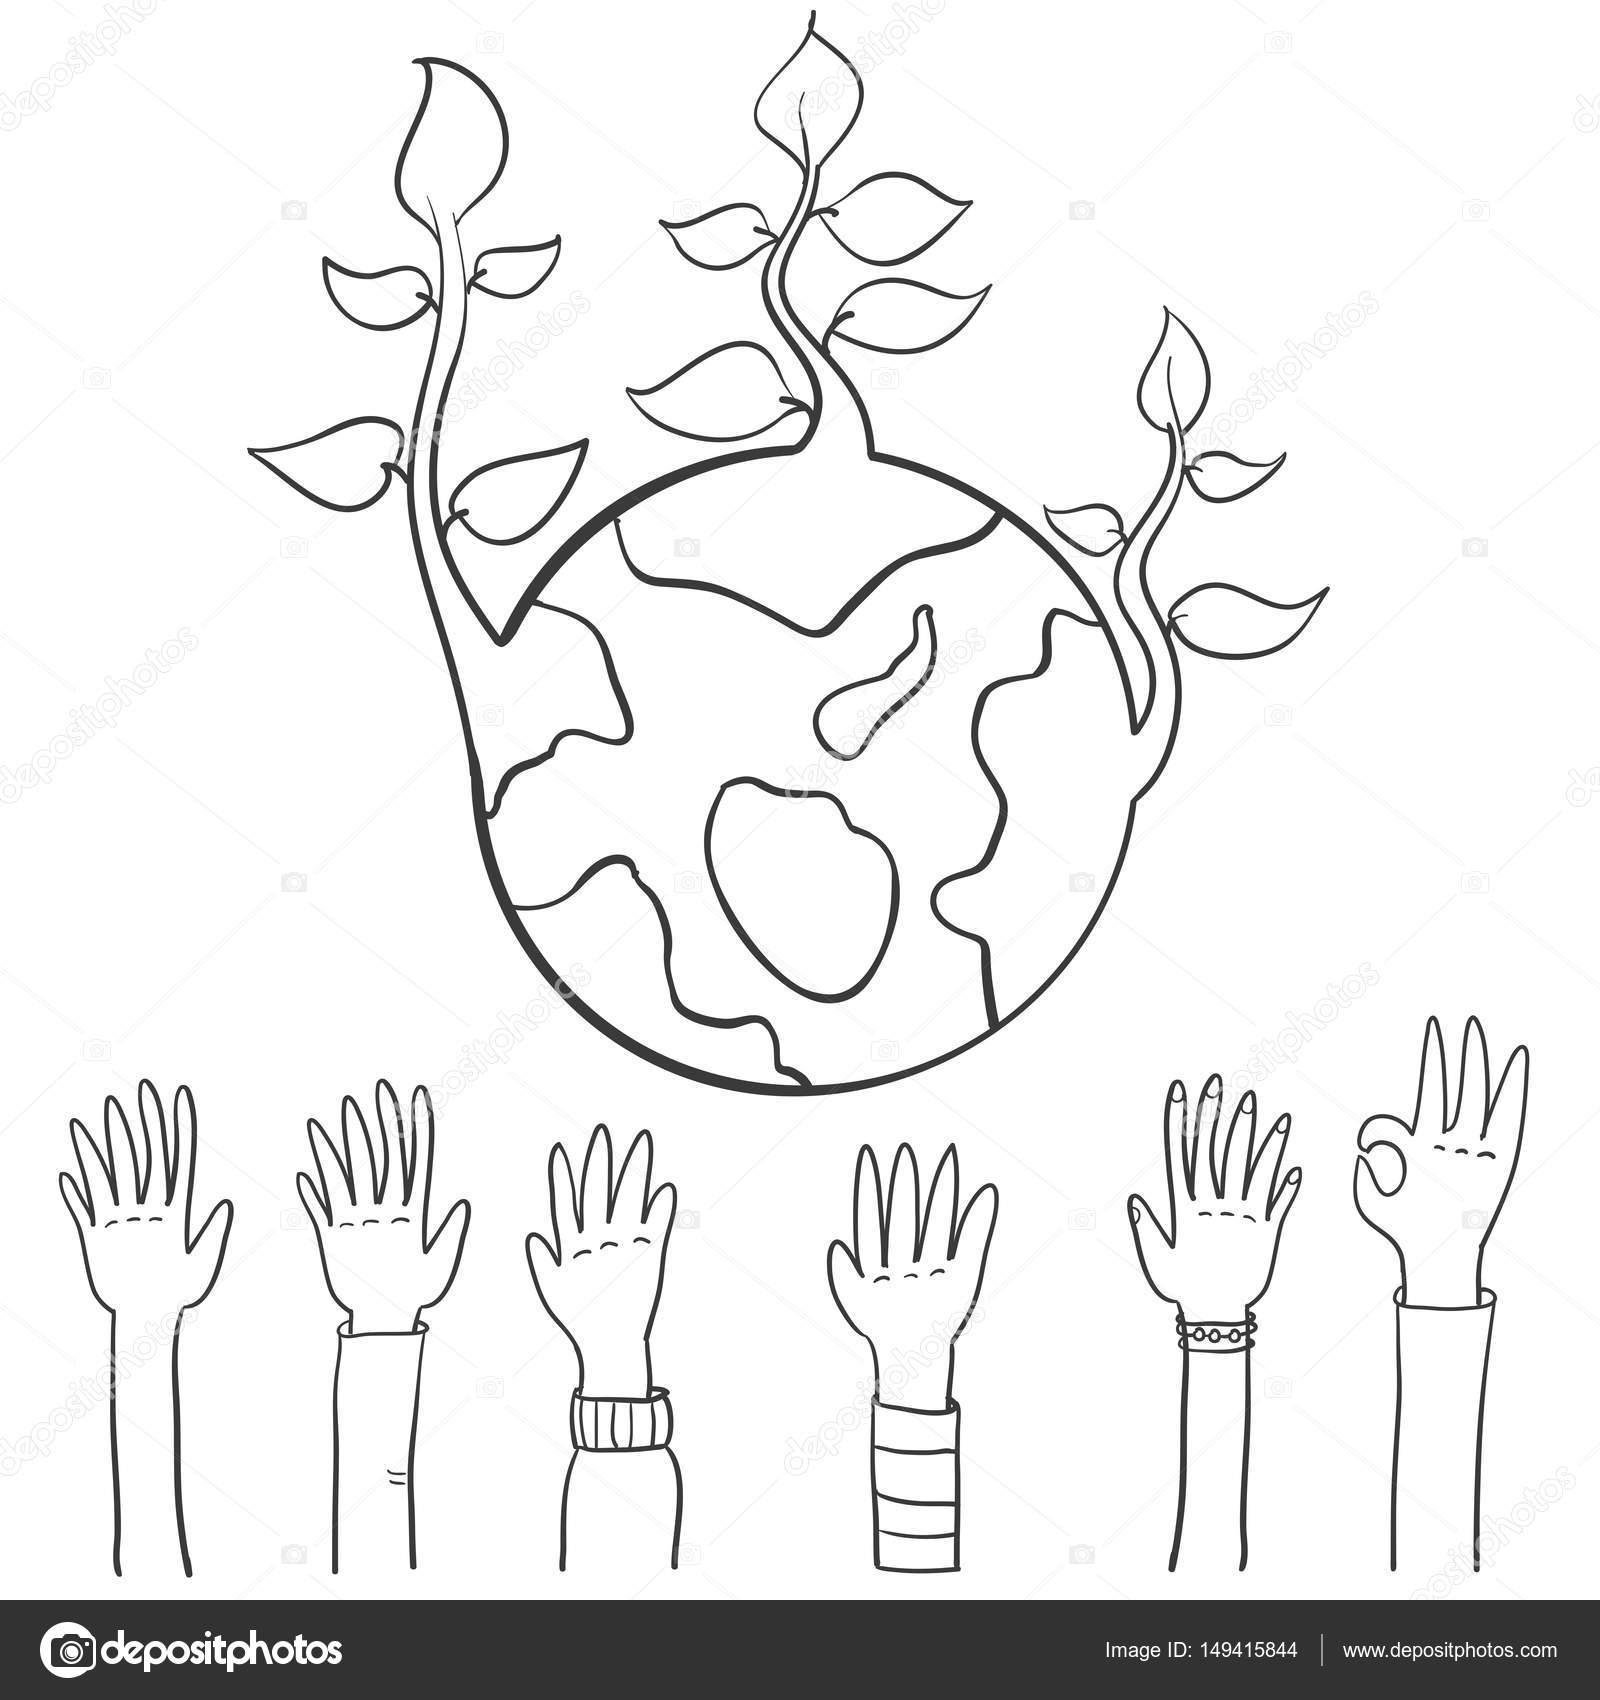 Welt Hand ziehen Tag der Erde — Stockvektor © kongvector #149415844